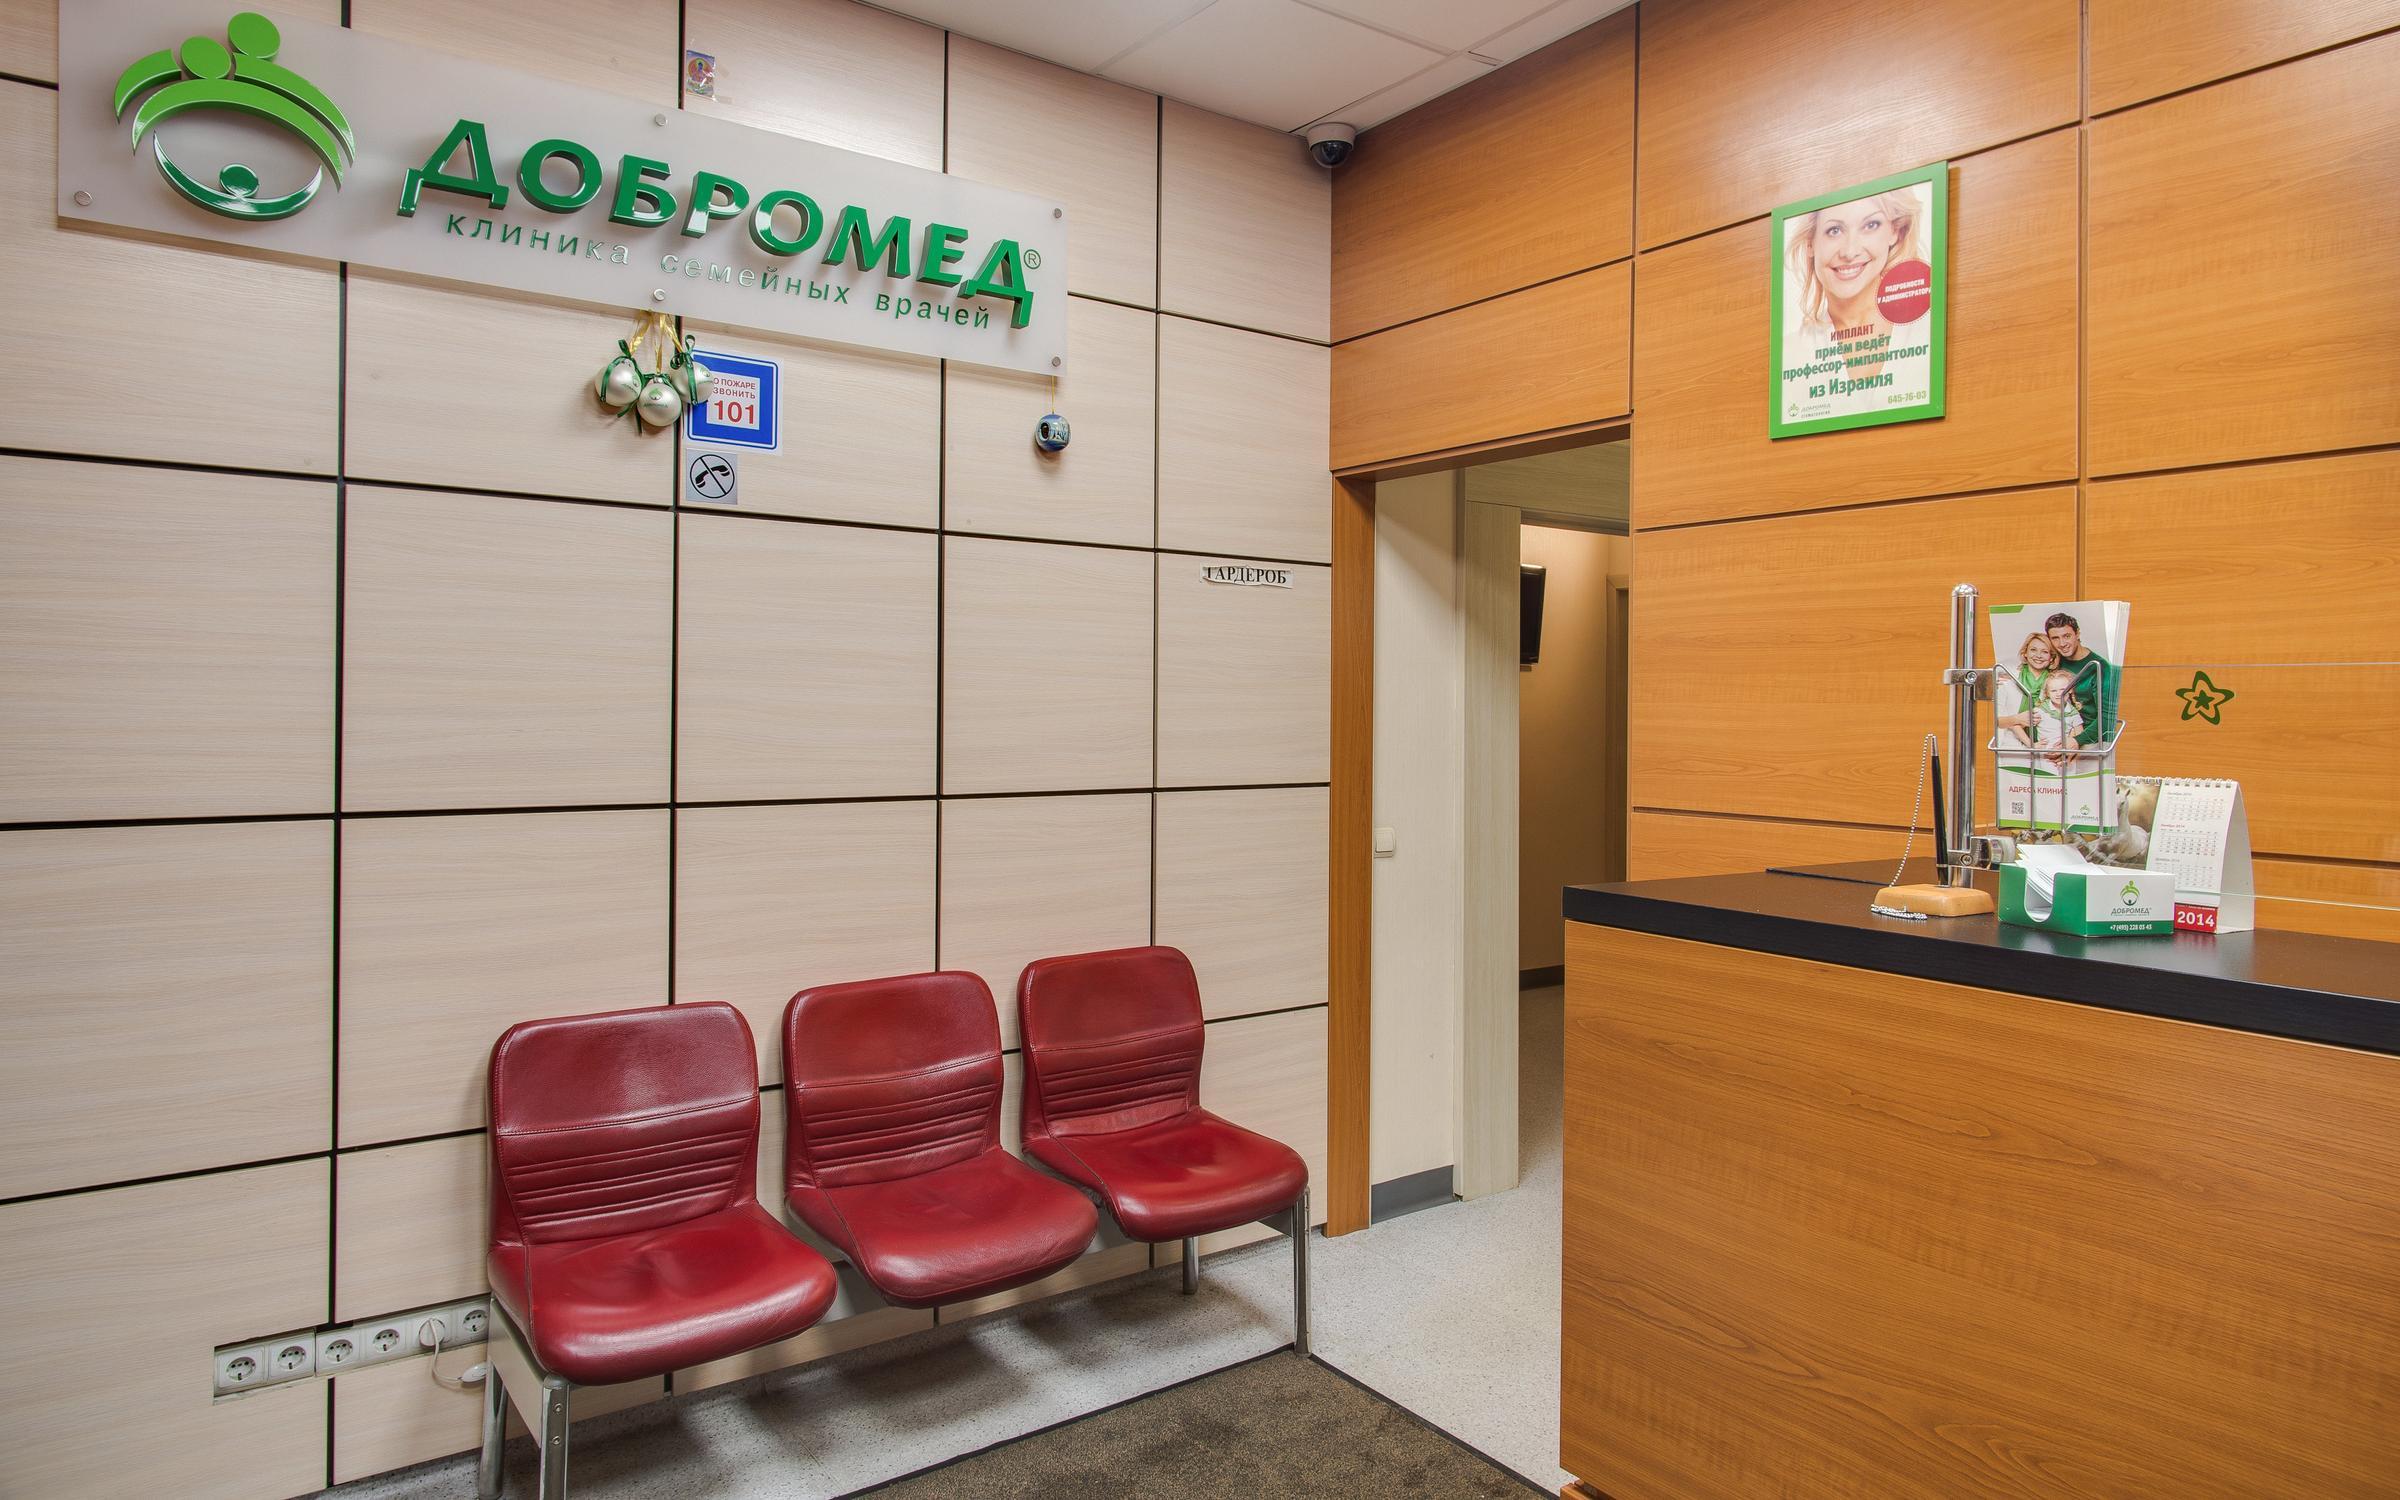 фотография Клиники Добромед на бульваре Дмитрия Донского